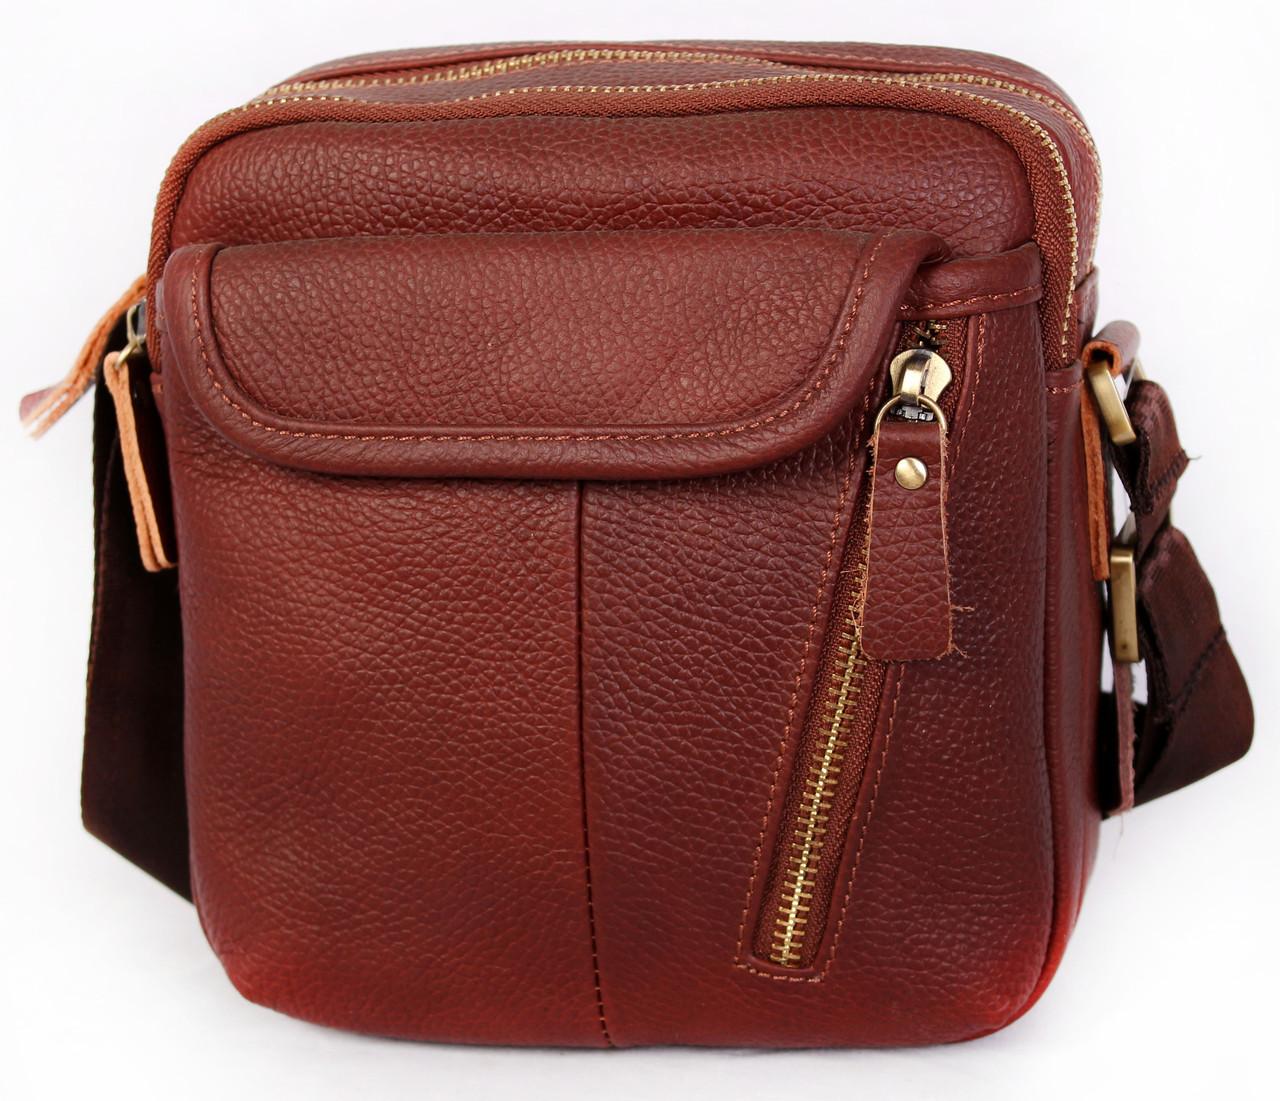 Мужская кожаная сумка Dovhani BL3011439 Рыжая, фото 1